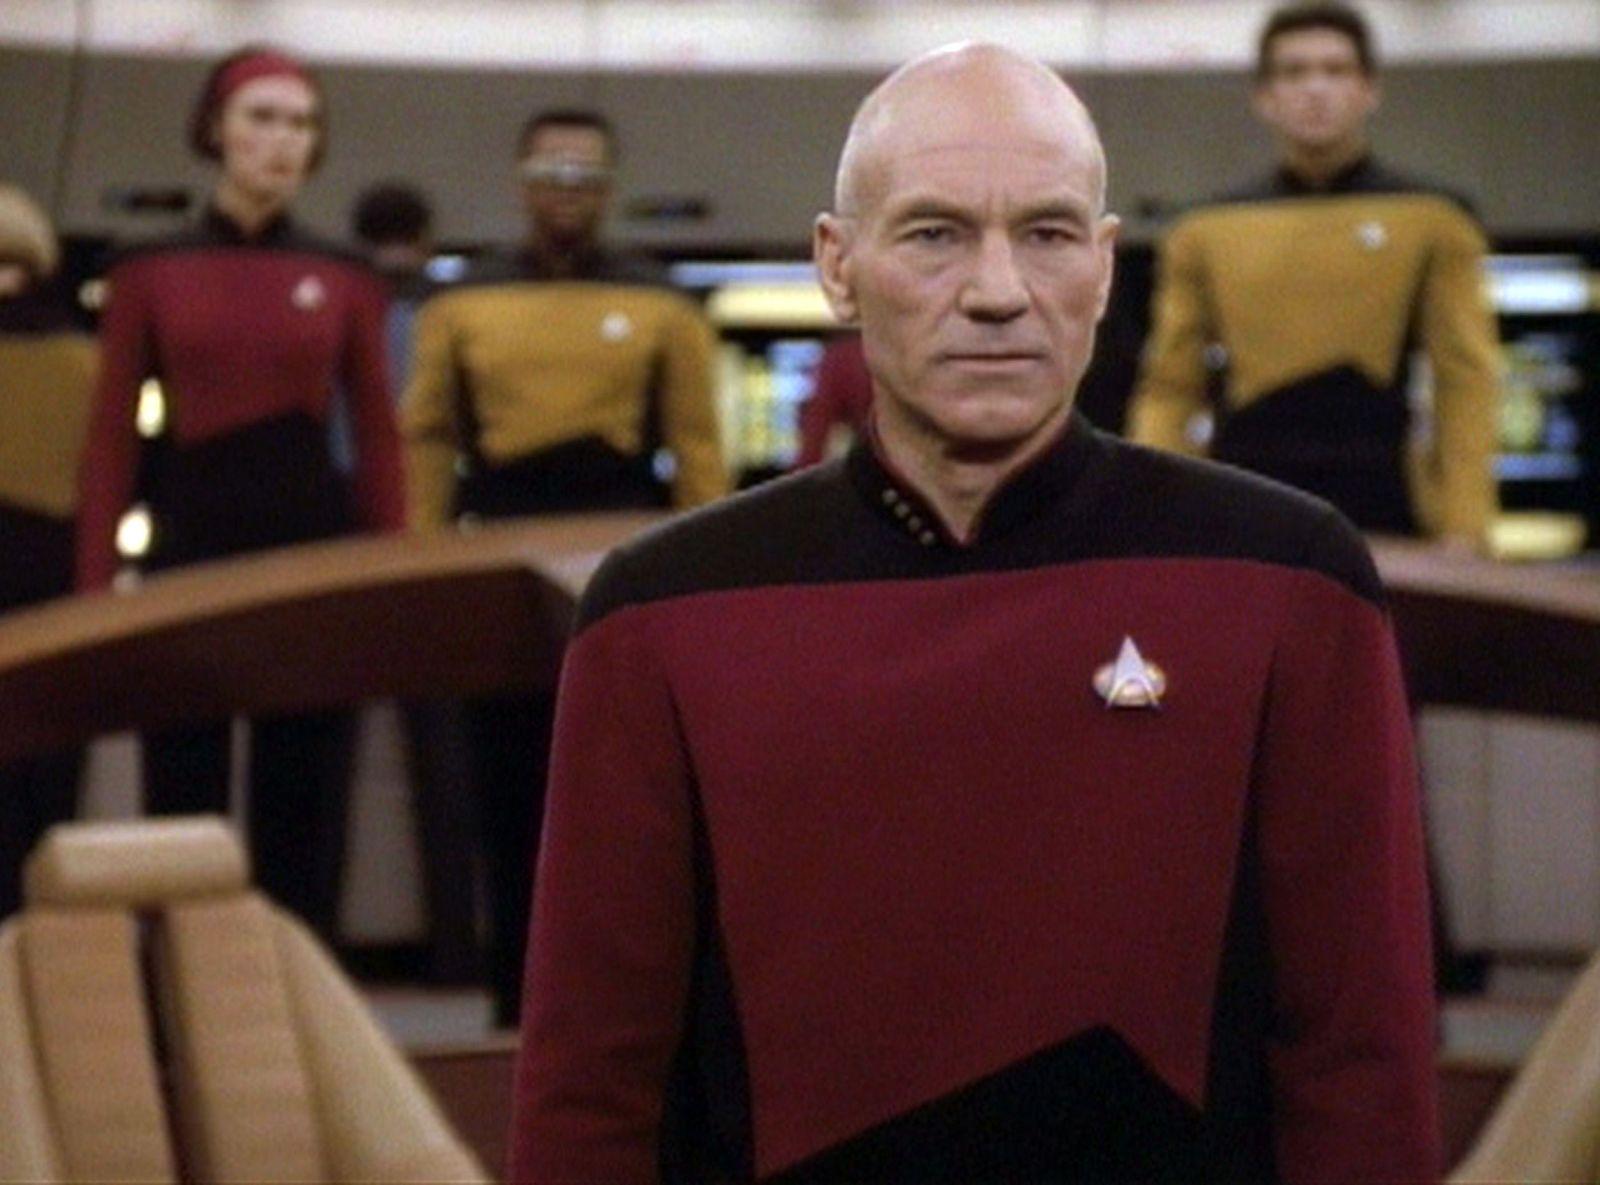 Patrick Stewart In 'Star Trek: The Next Generation'